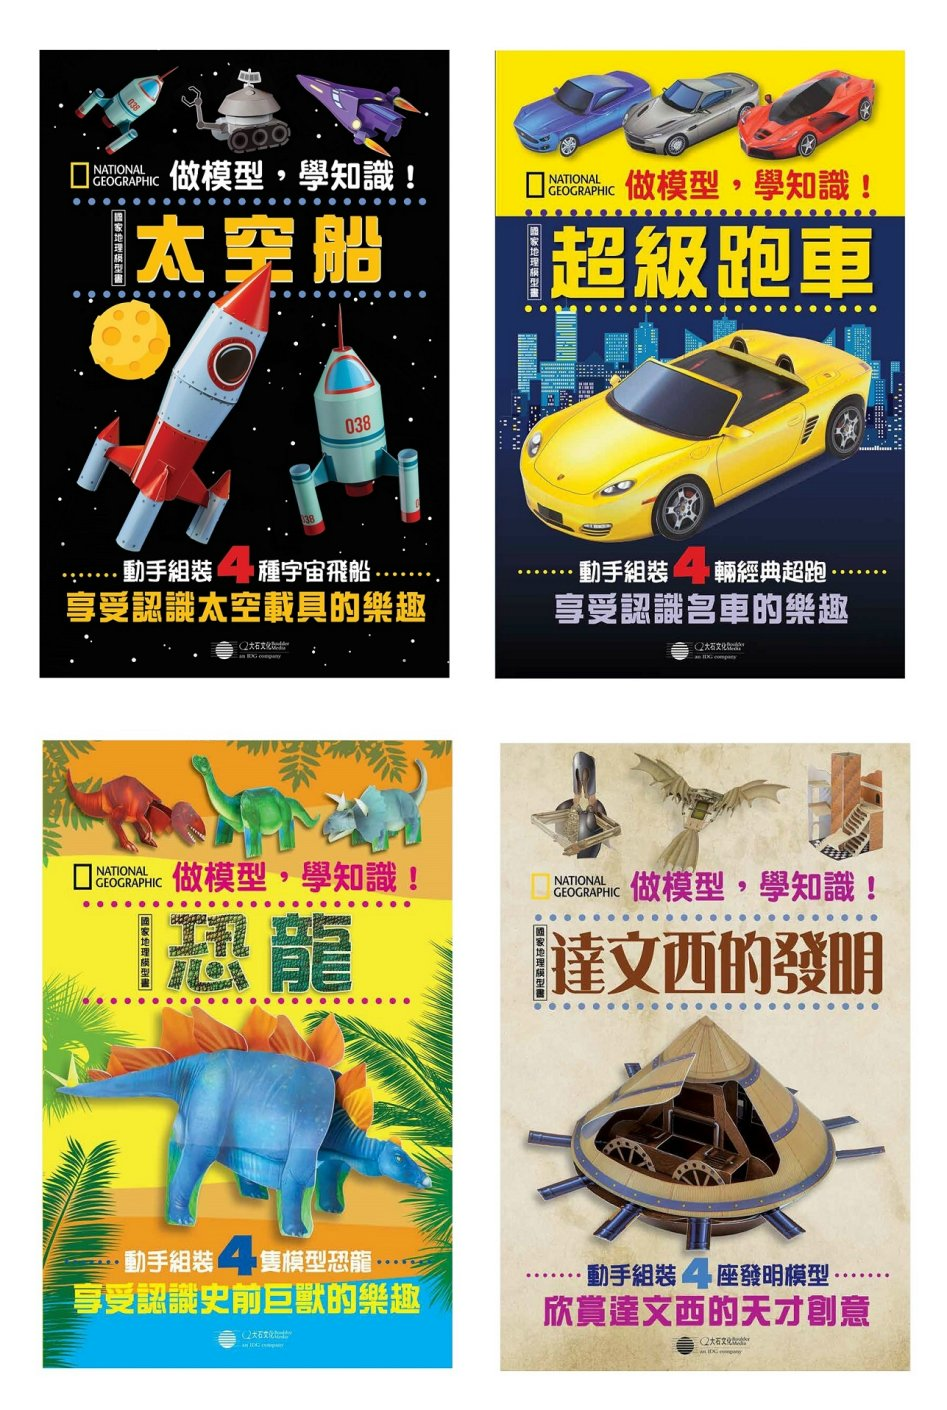 做模型,學知識!國家地理模型套書:恐龍、太空船、超級跑車、達文西的發明(共4冊)